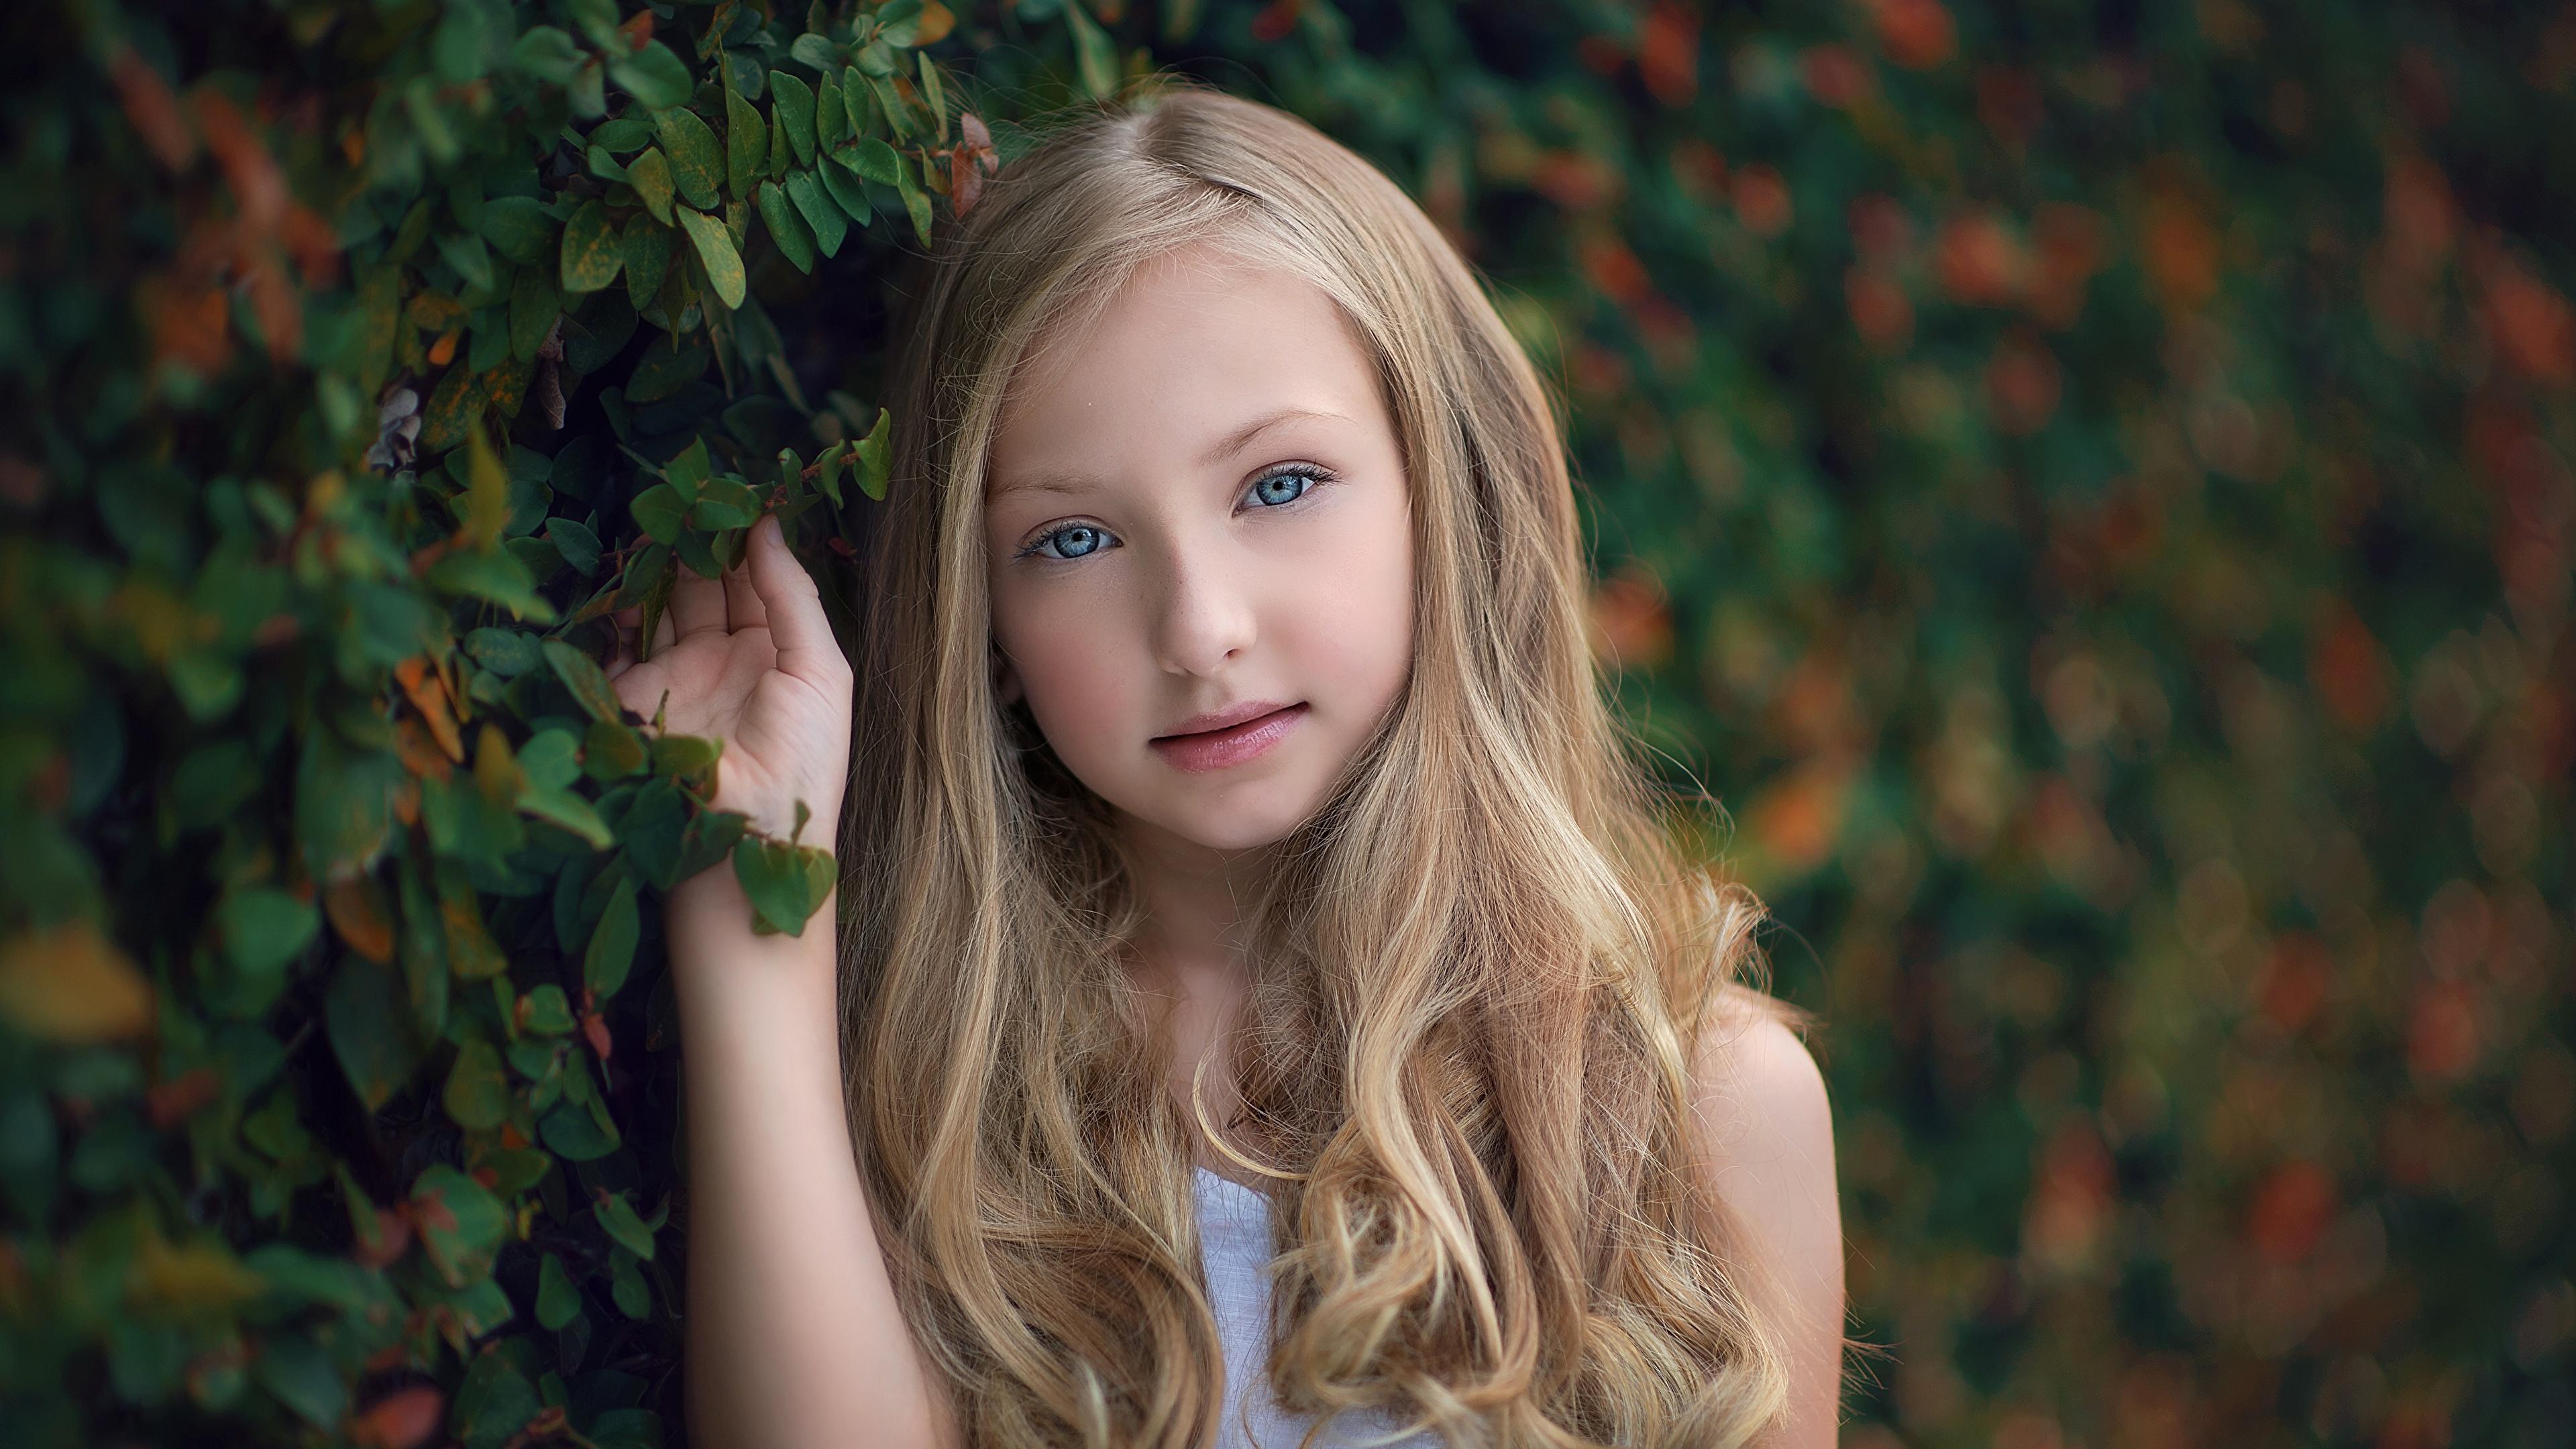 Fotos Kinder Kleine Mädchen Blondine Frisur Haar Blick 11x11